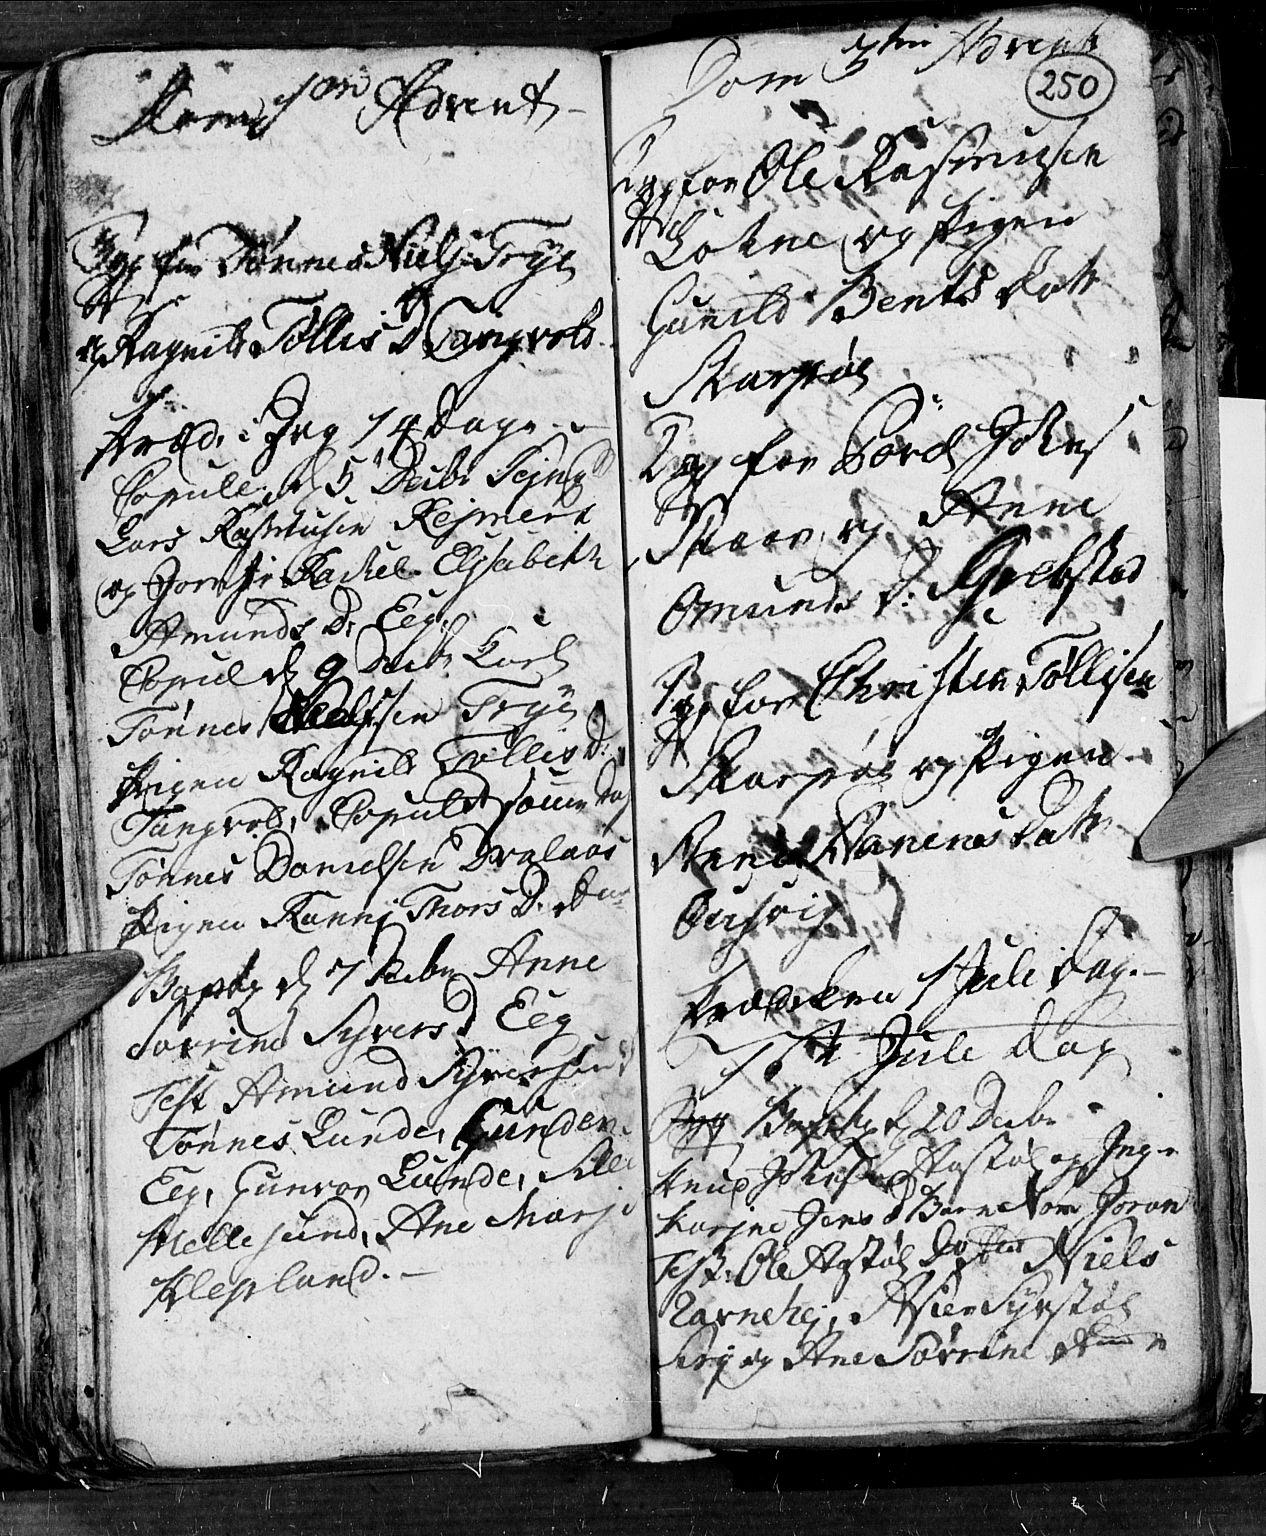 SAK, Søgne sokneprestkontor, F/Fb/Fbb/L0001: Parish register (copy) no. B 1, 1779-1802, p. 250